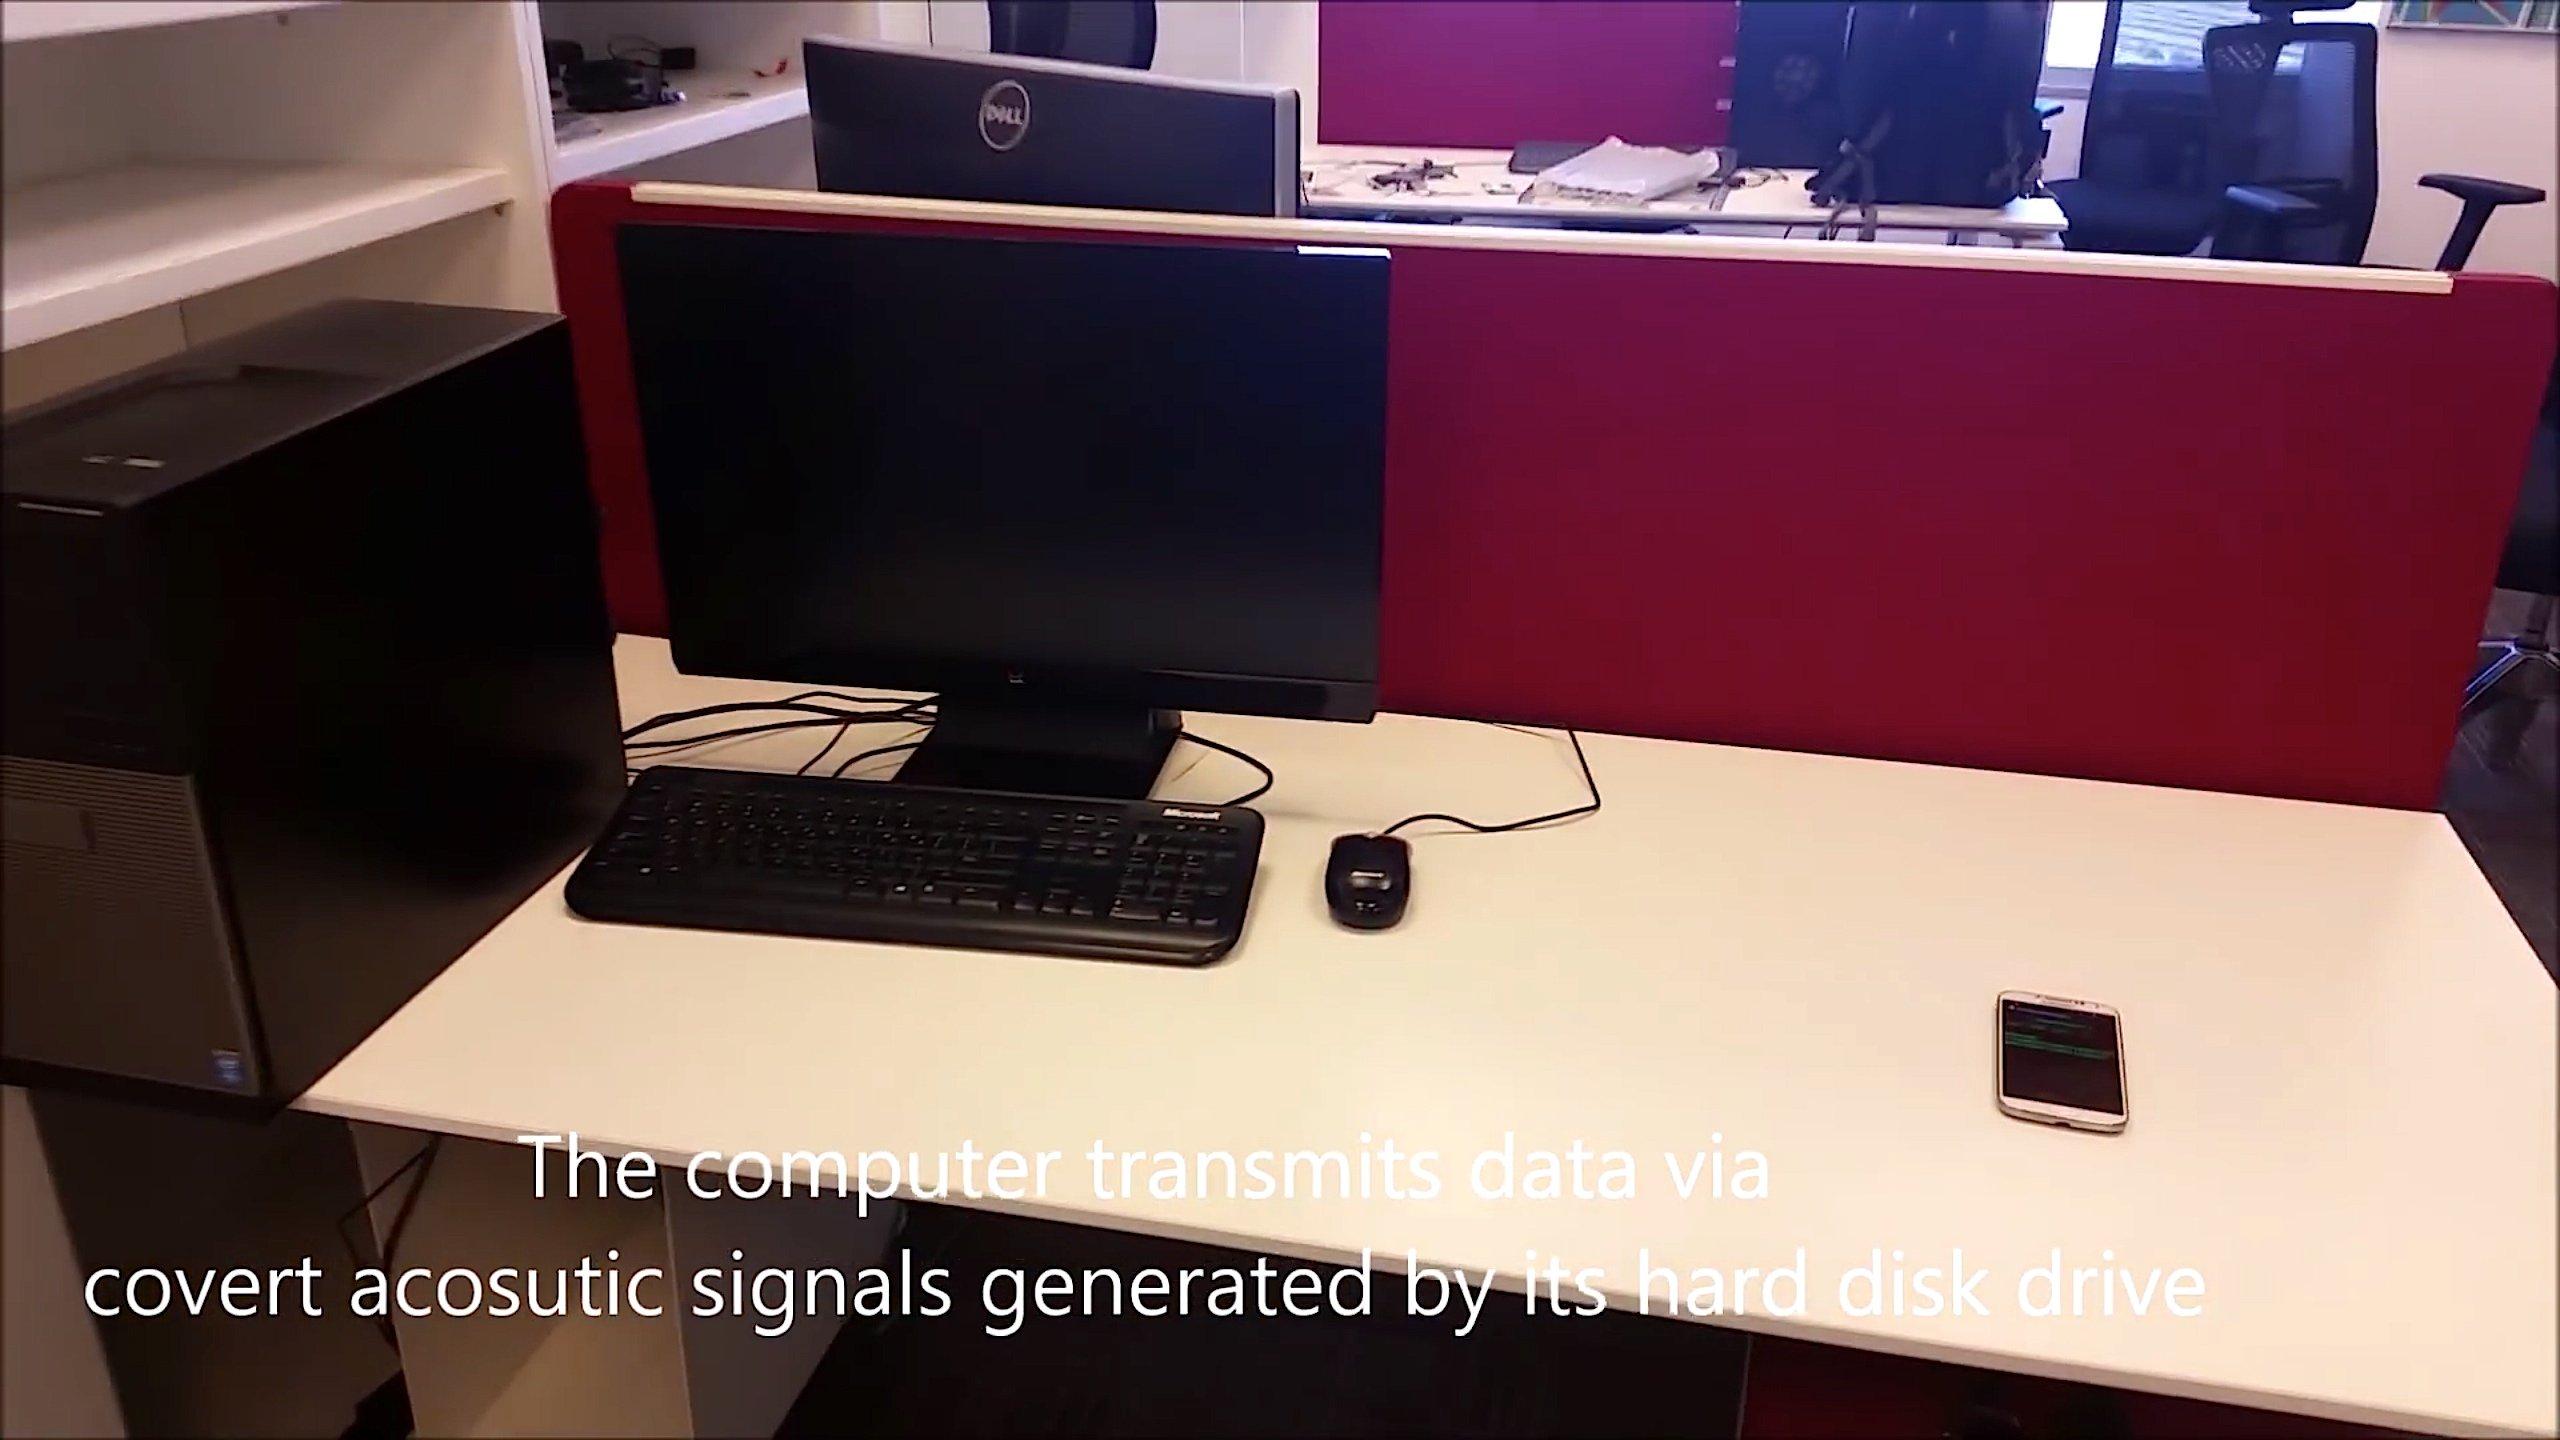 Um Daten aus den Geräuschen einer Festplatte abzuleiten, muss das Spionagegerät – in diesem Fall ein Smartphone – maximal zwei Meter entfernt sein.